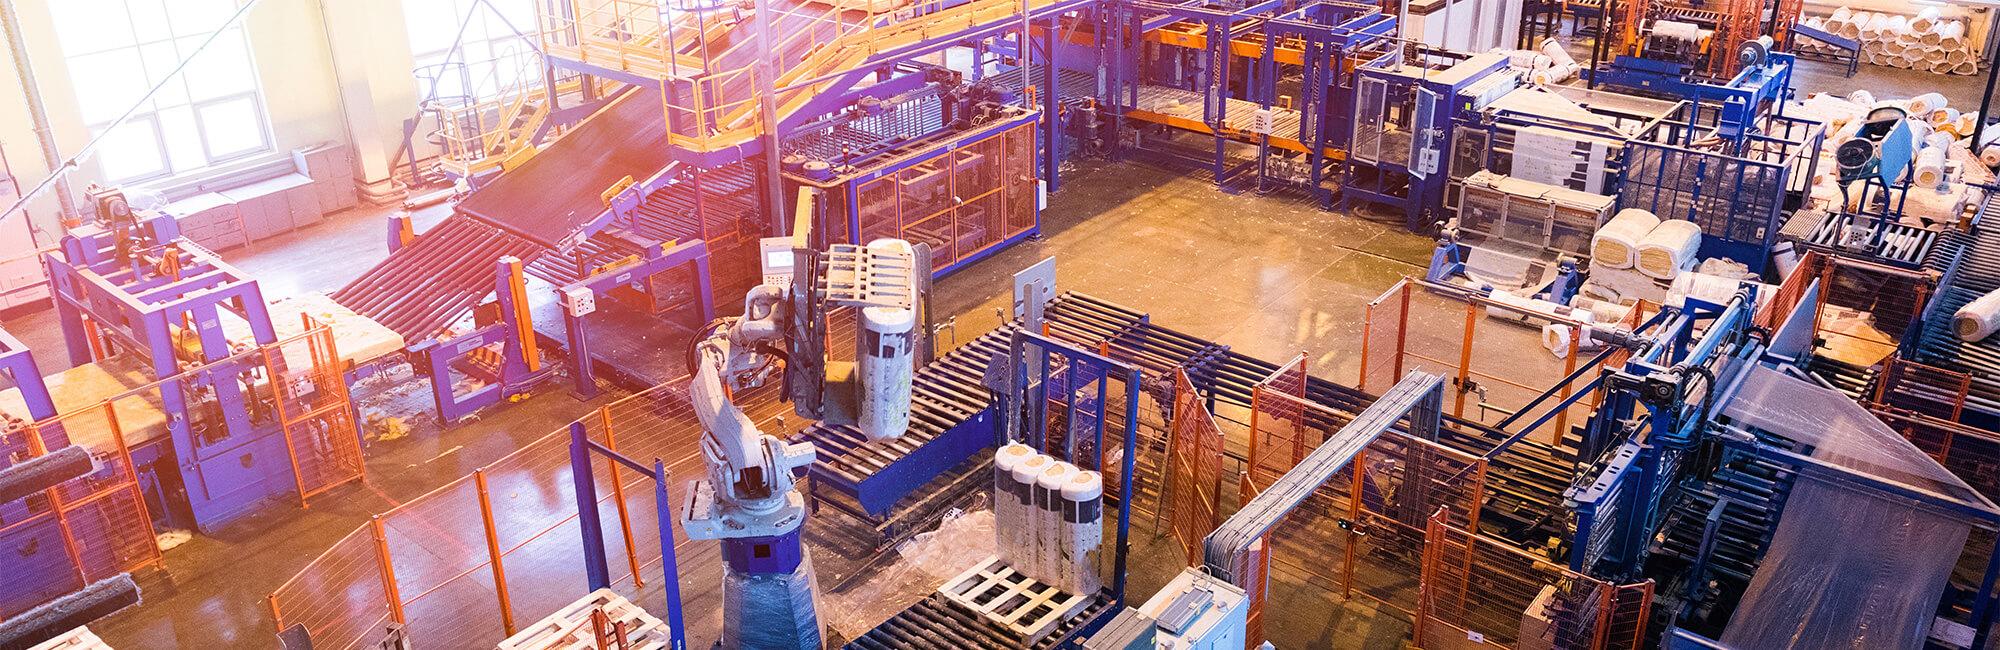 電源トラブルの対策が求められる生産設備